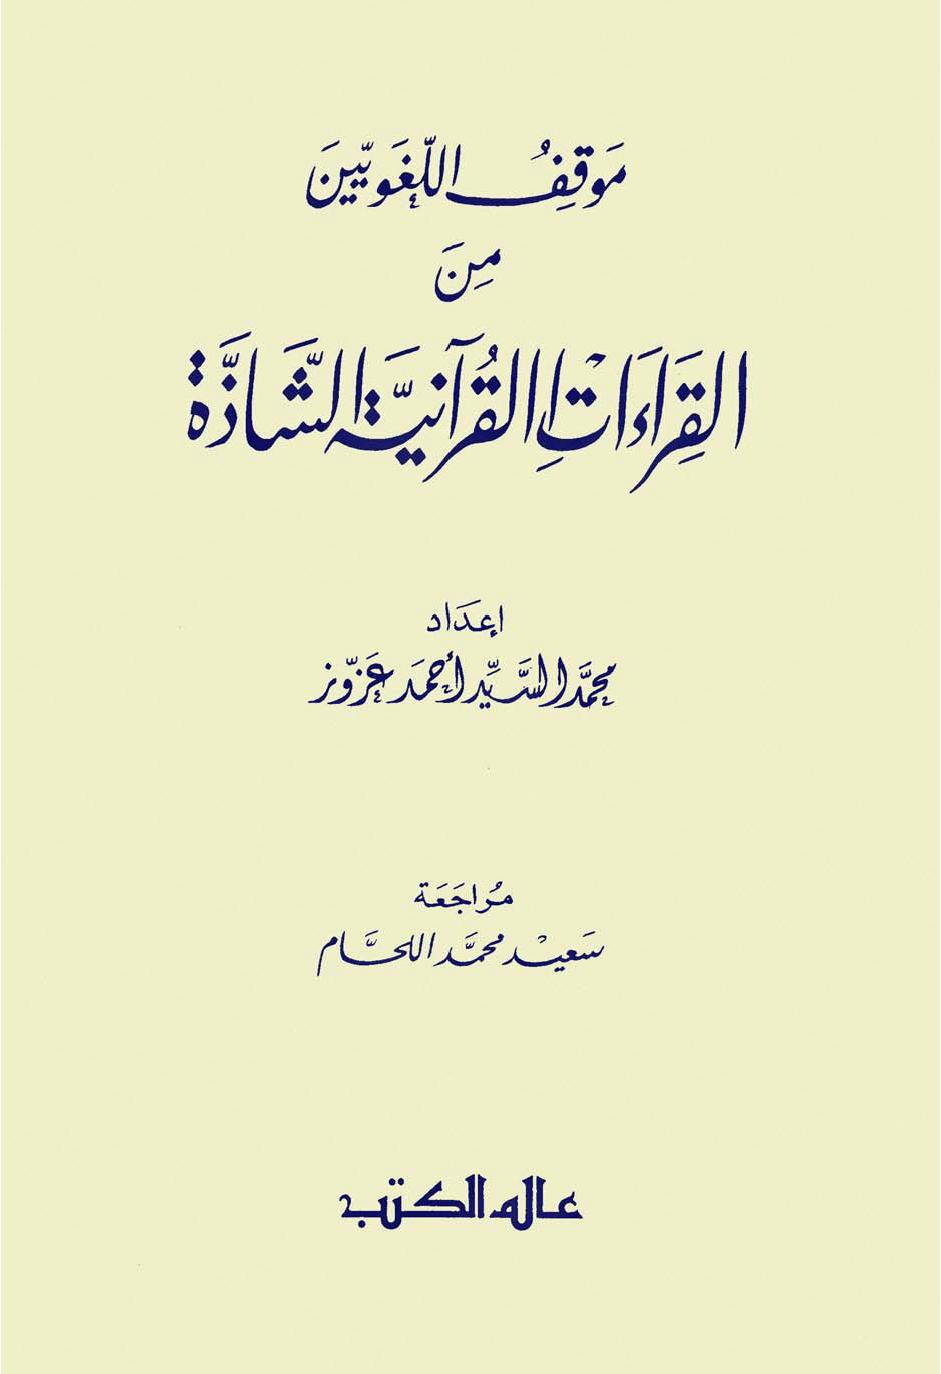 تحميل كتاب موقف اللغويين من القراءات القرآنية الشاذة لـِ: الأستاذ محمد السيد أحمد عزوز